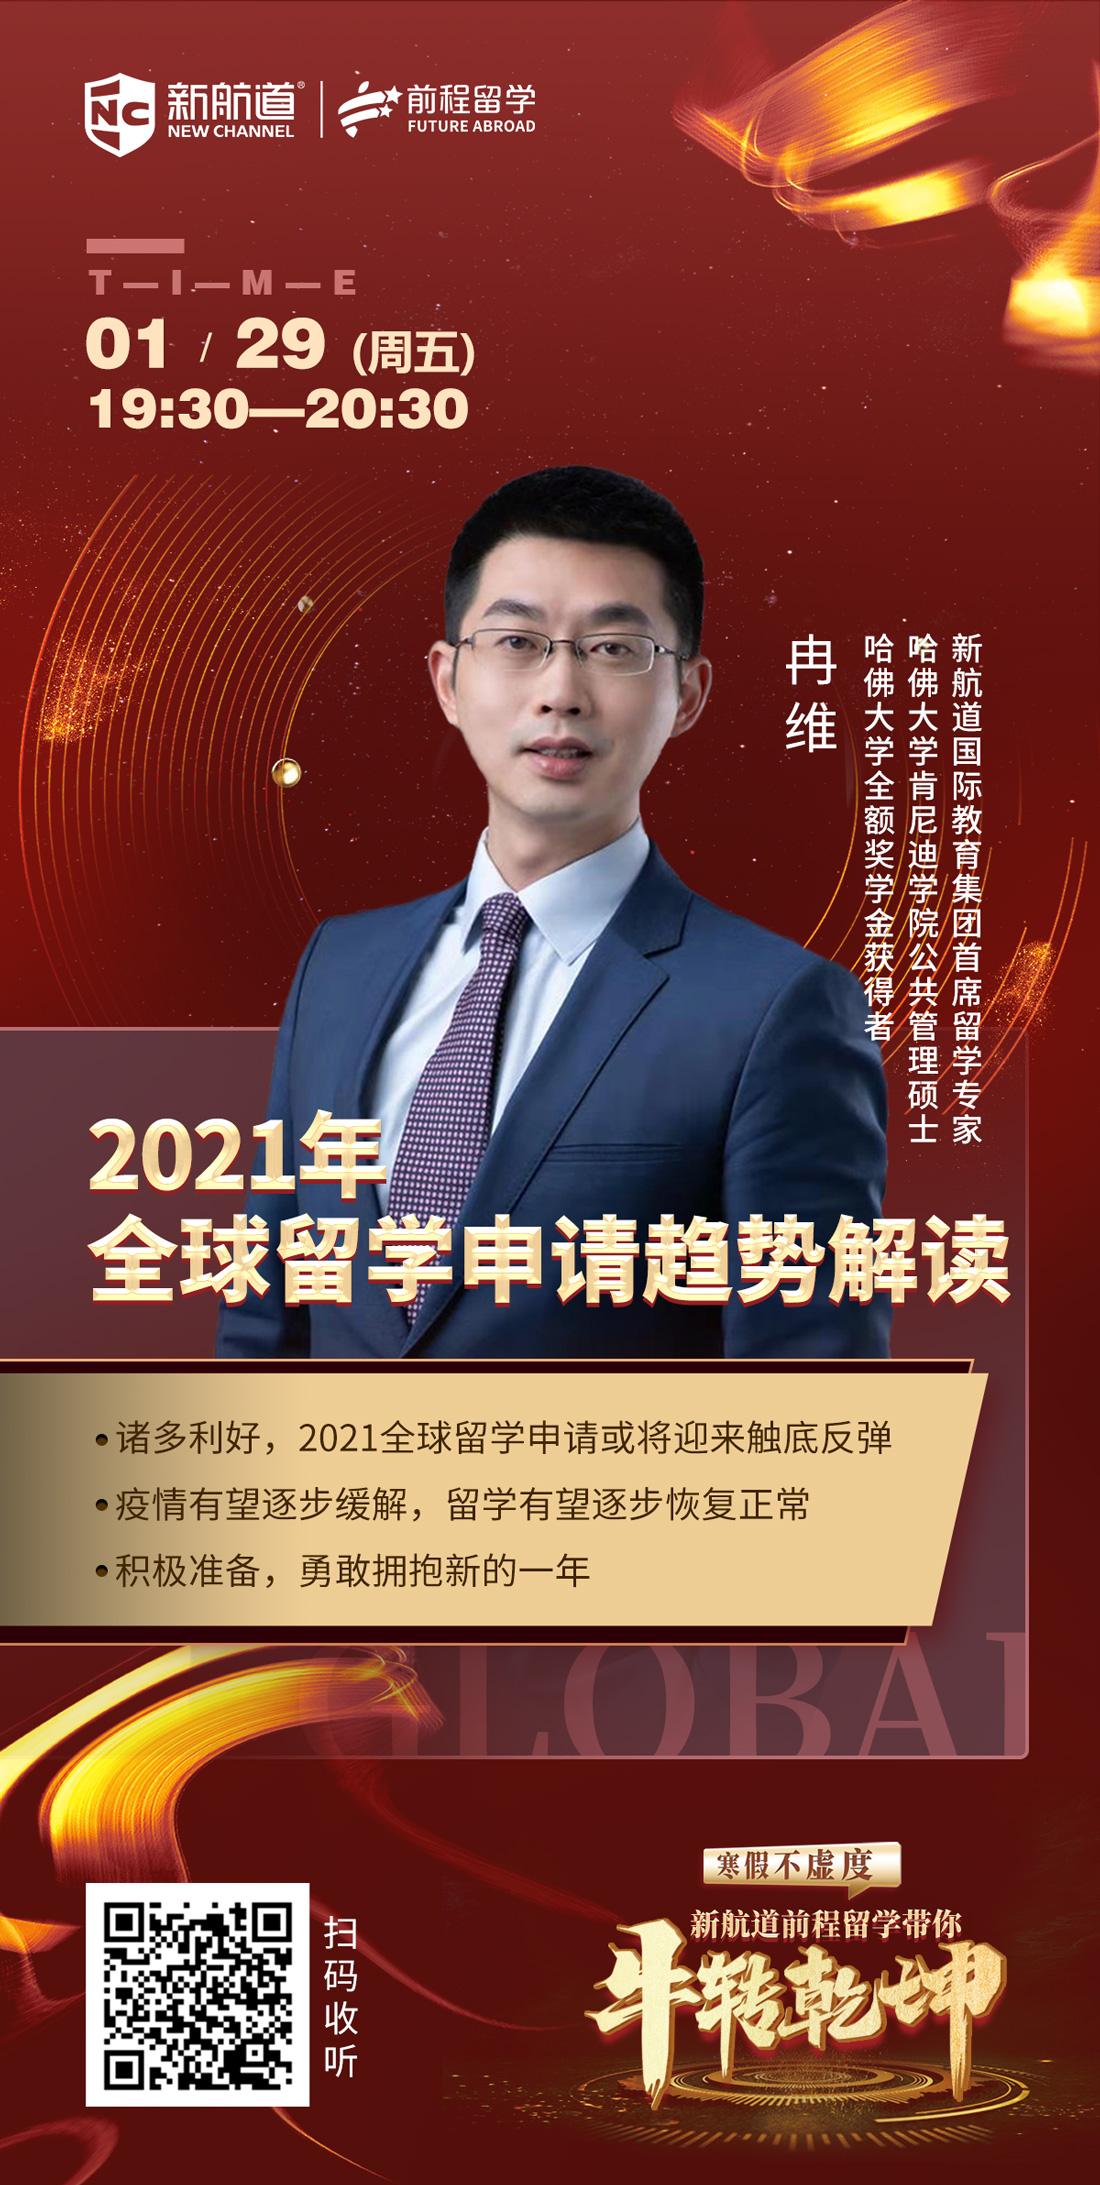 2021全球留学申请趋势解读